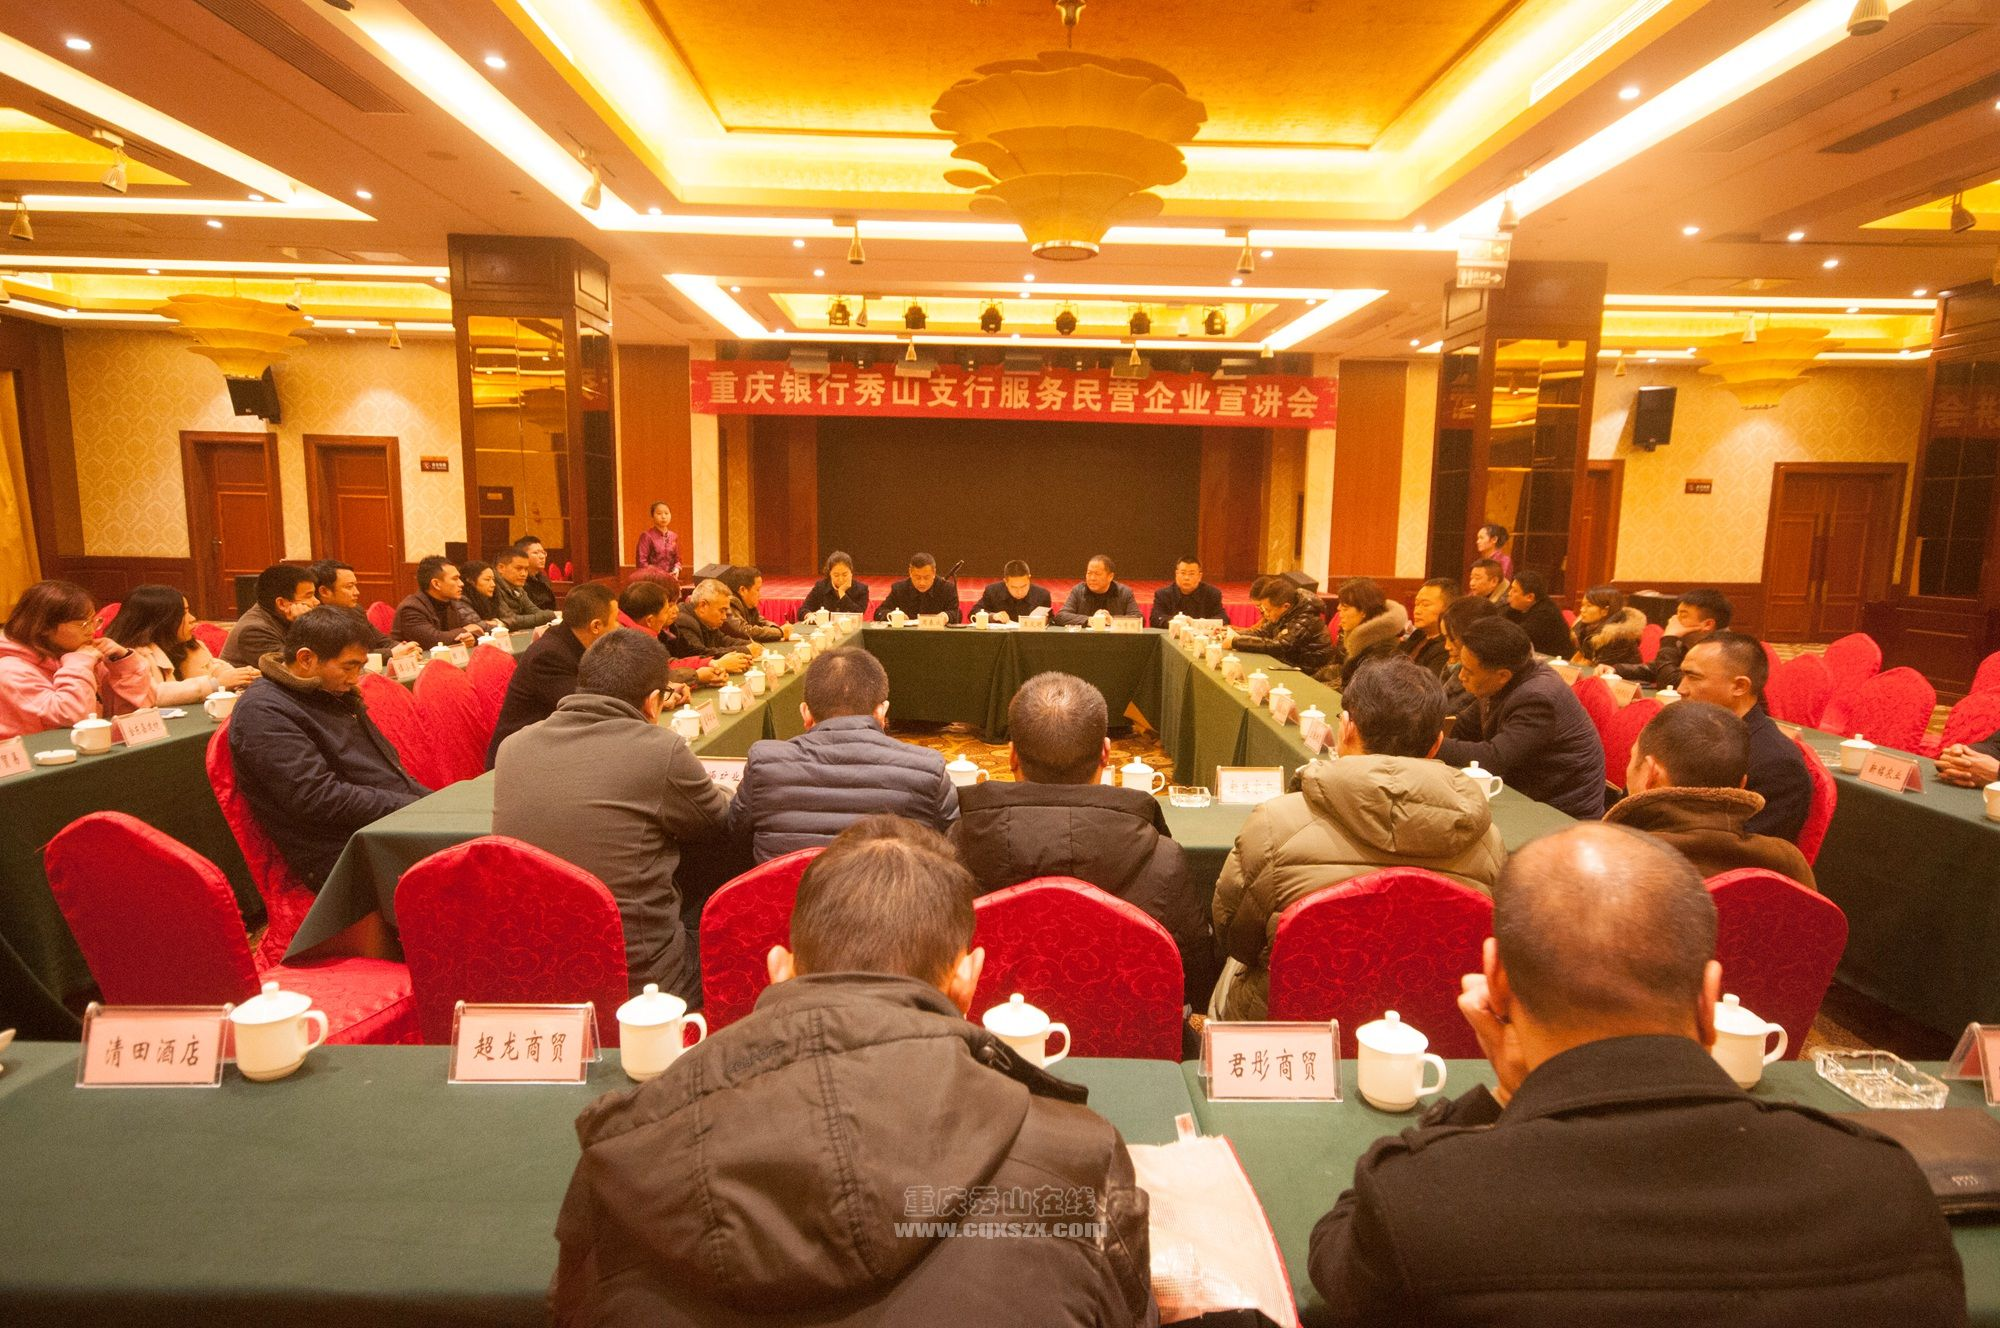 2018年12月12日,乐虎国际娱乐银行秀山支行服务民营企业宣讲会在亚西酒店举行。